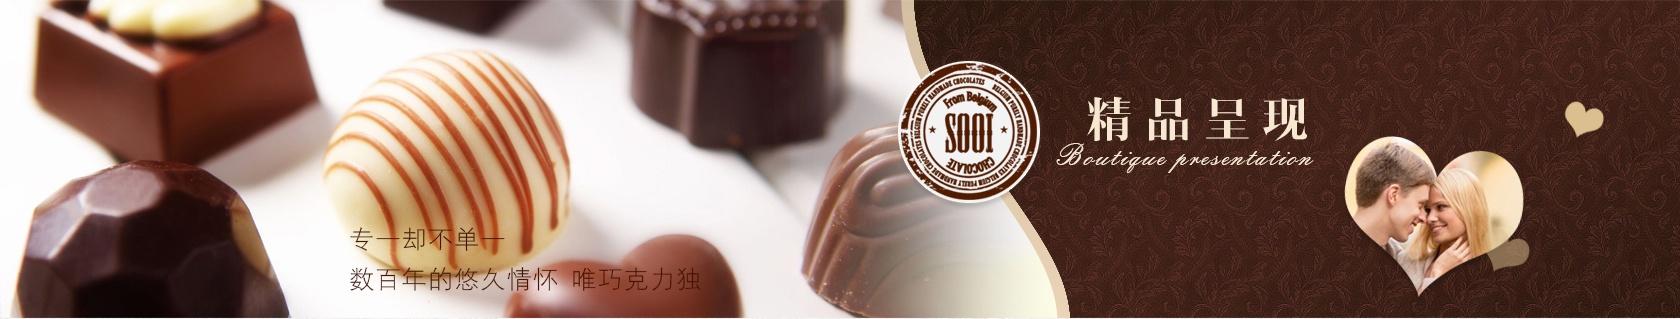 索爱巧克力,精品呈现